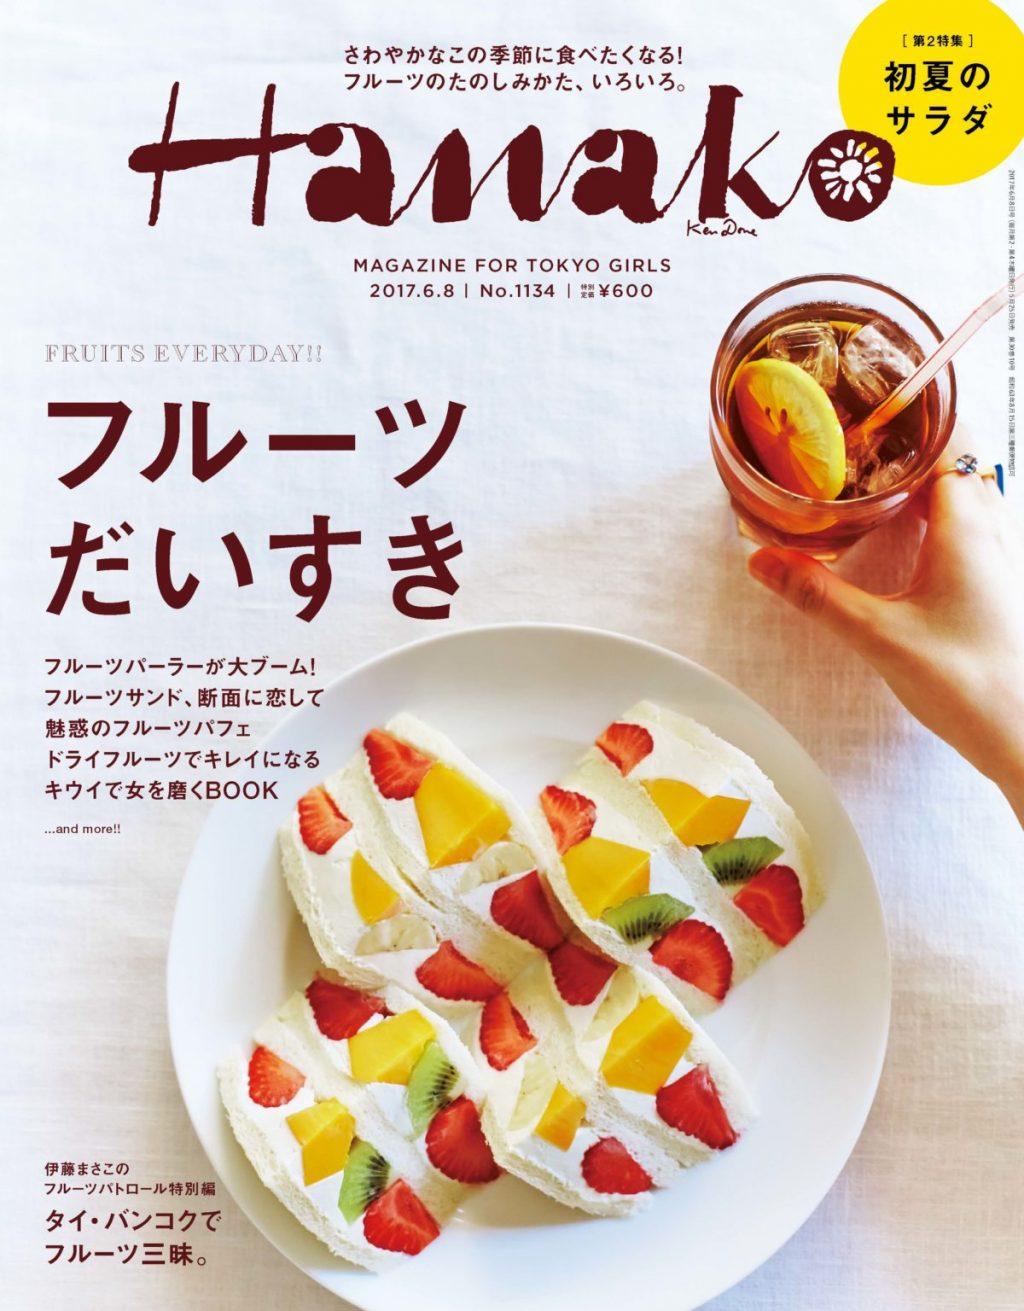 HANAKO1134_001